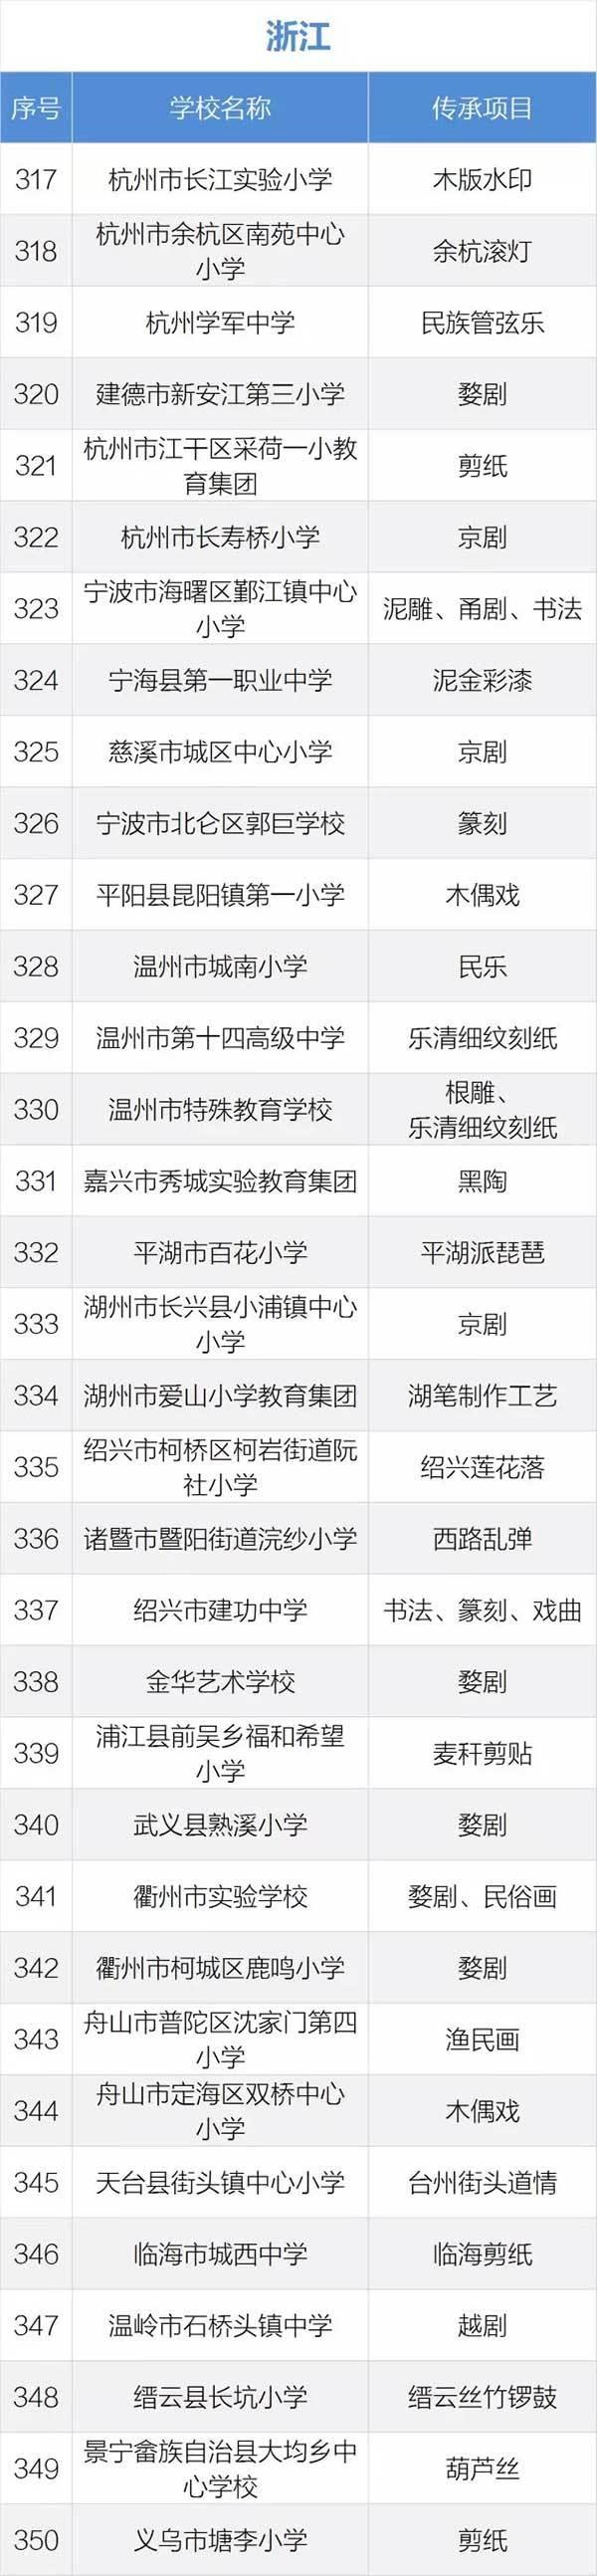 浙江第二批中小学优秀文化艺术传承学校名单